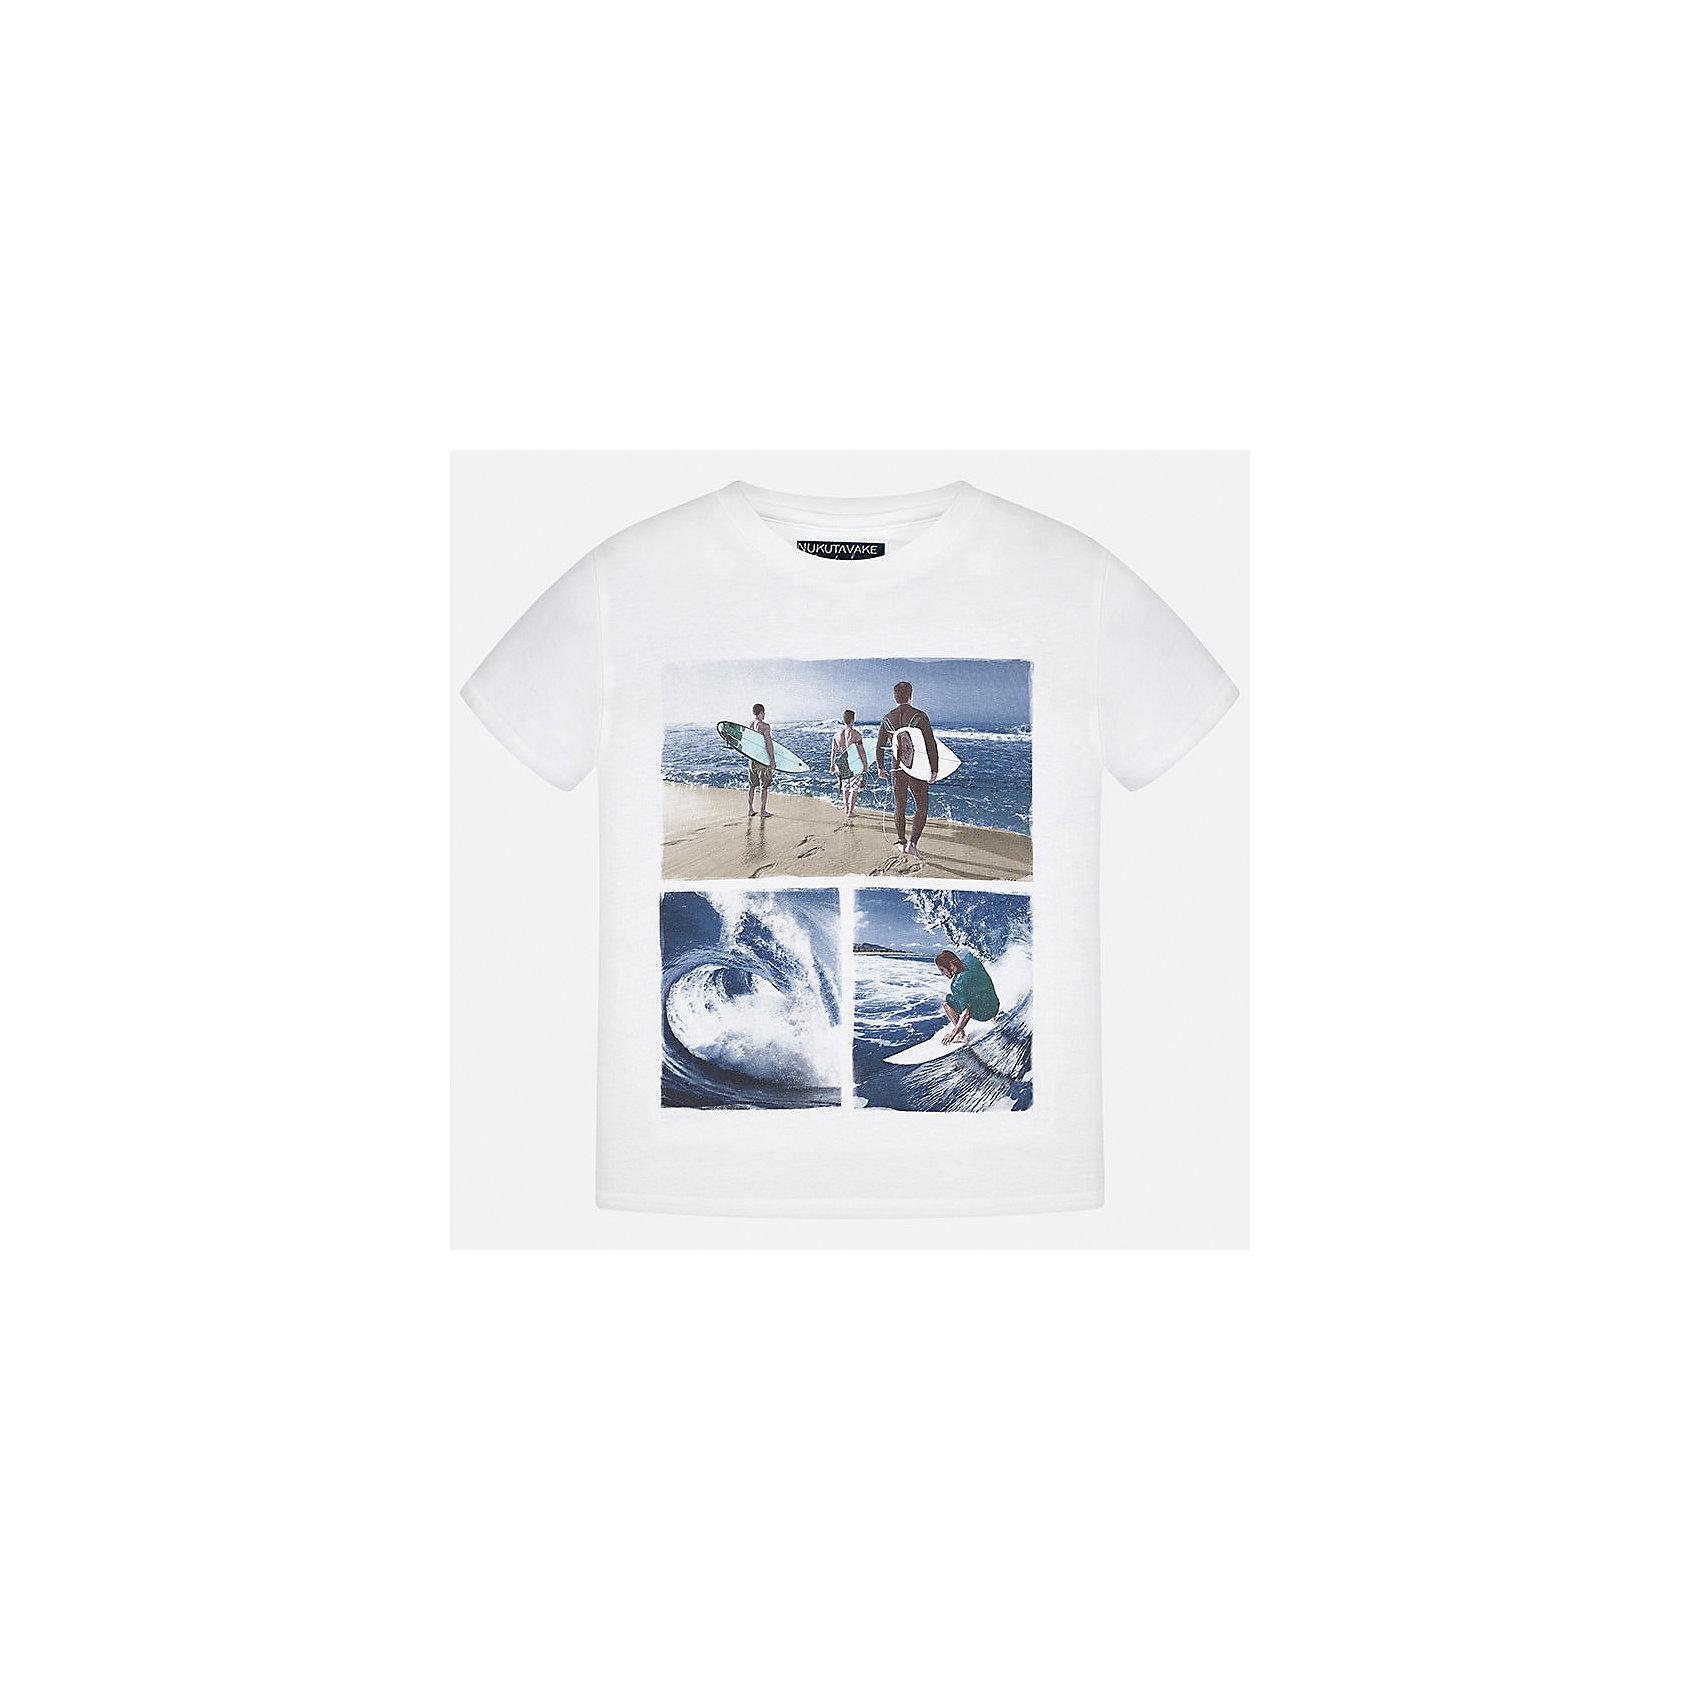 Футболка для мальчика MayoralФутболки, поло и топы<br>Характеристики товара:<br><br>• цвет: белый<br>• состав: 100% хлопок<br>• круглый горловой вырез<br>• принт впереди<br>• короткие рукава<br>• отделка горловины<br>• страна бренда: Испания<br><br>Стильная футболка с принтом поможет разнообразить гардероб мальчика. Она отлично сочетается с брюками, шортами, джинсами и т.д. Универсальный крой и цвет позволяет подобрать к вещи низ разных расцветок. Практичное и стильное изделие! В составе материала - только натуральный хлопок, гипоаллергенный, приятный на ощупь, дышащий.<br><br>Одежда, обувь и аксессуары от испанского бренда Mayoral полюбились детям и взрослым по всему миру. Модели этой марки - стильные и удобные. Для их производства используются только безопасные, качественные материалы и фурнитура. Порадуйте ребенка модными и красивыми вещами от Mayoral! <br><br>Футболку-поло для мальчика от испанского бренда Mayoral (Майорал) можно купить в нашем интернет-магазине.<br><br>Ширина мм: 199<br>Глубина мм: 10<br>Высота мм: 161<br>Вес г: 151<br>Цвет: бежевый<br>Возраст от месяцев: 156<br>Возраст до месяцев: 168<br>Пол: Женский<br>Возраст: Детский<br>Размер: 164,128/134,170,128,140,158,152<br>SKU: 3993348